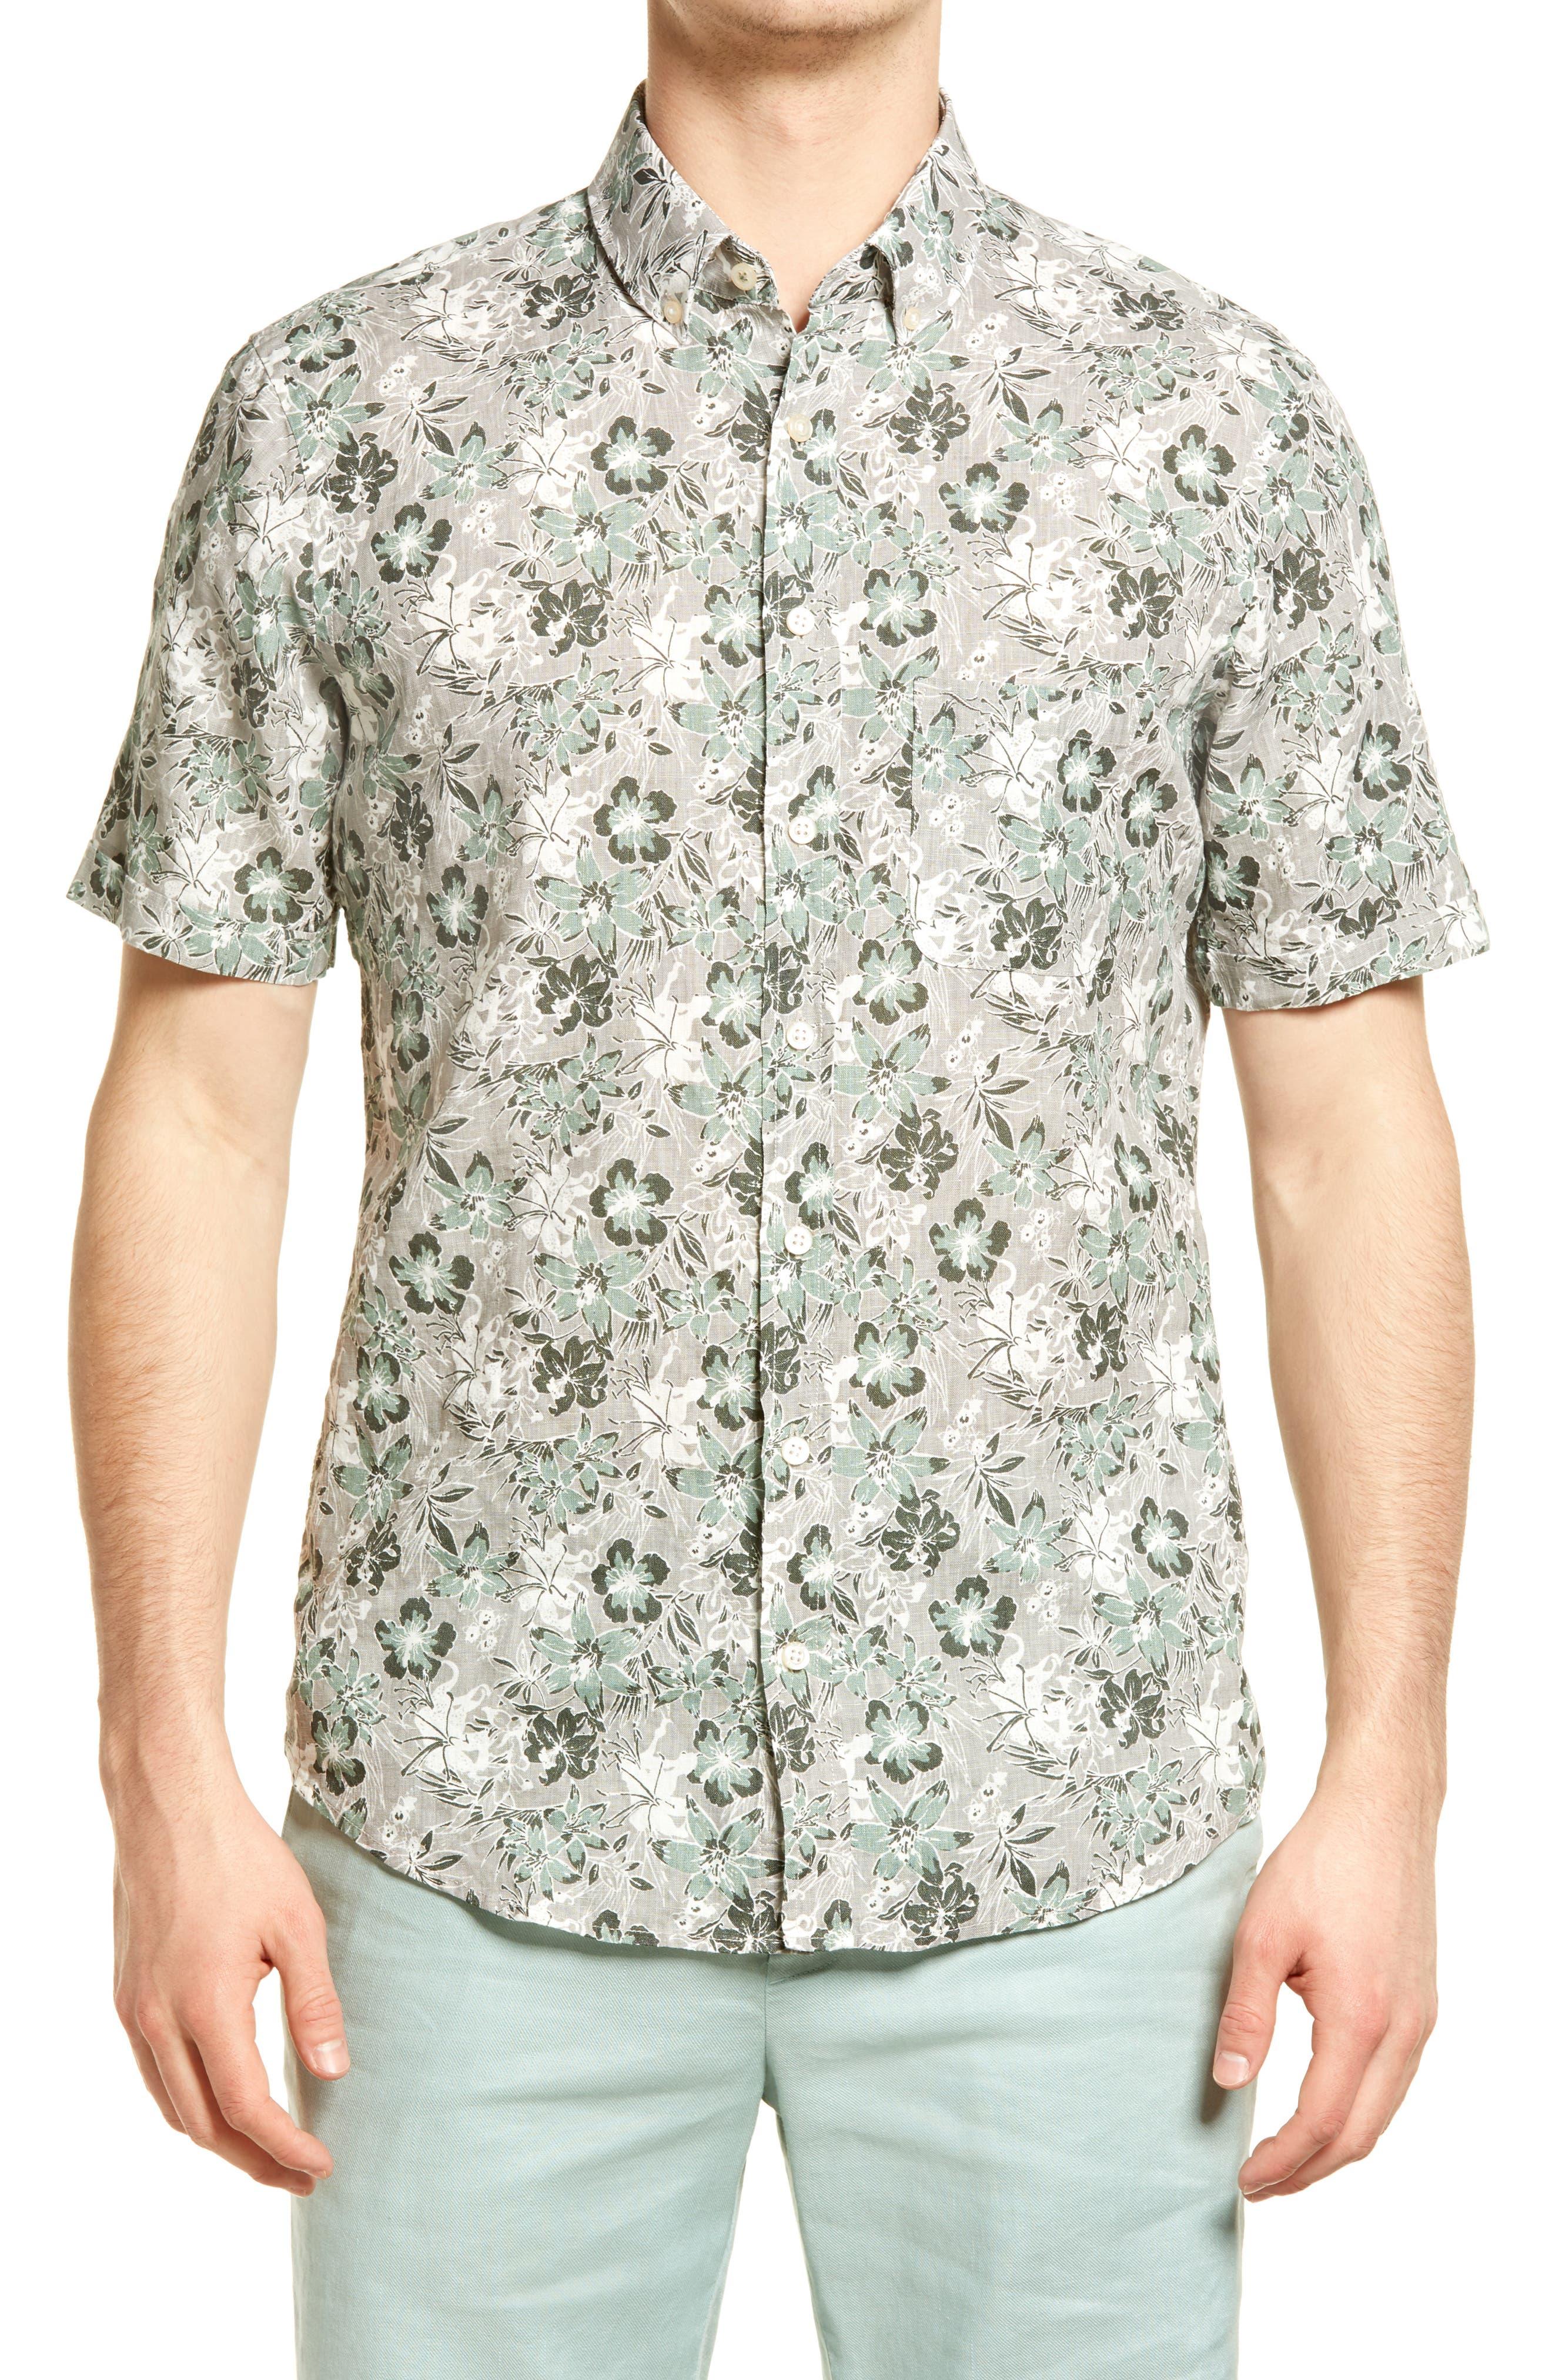 Dan Regular Fit Floral Print Short Sleeve Linen Button-Down Shirt